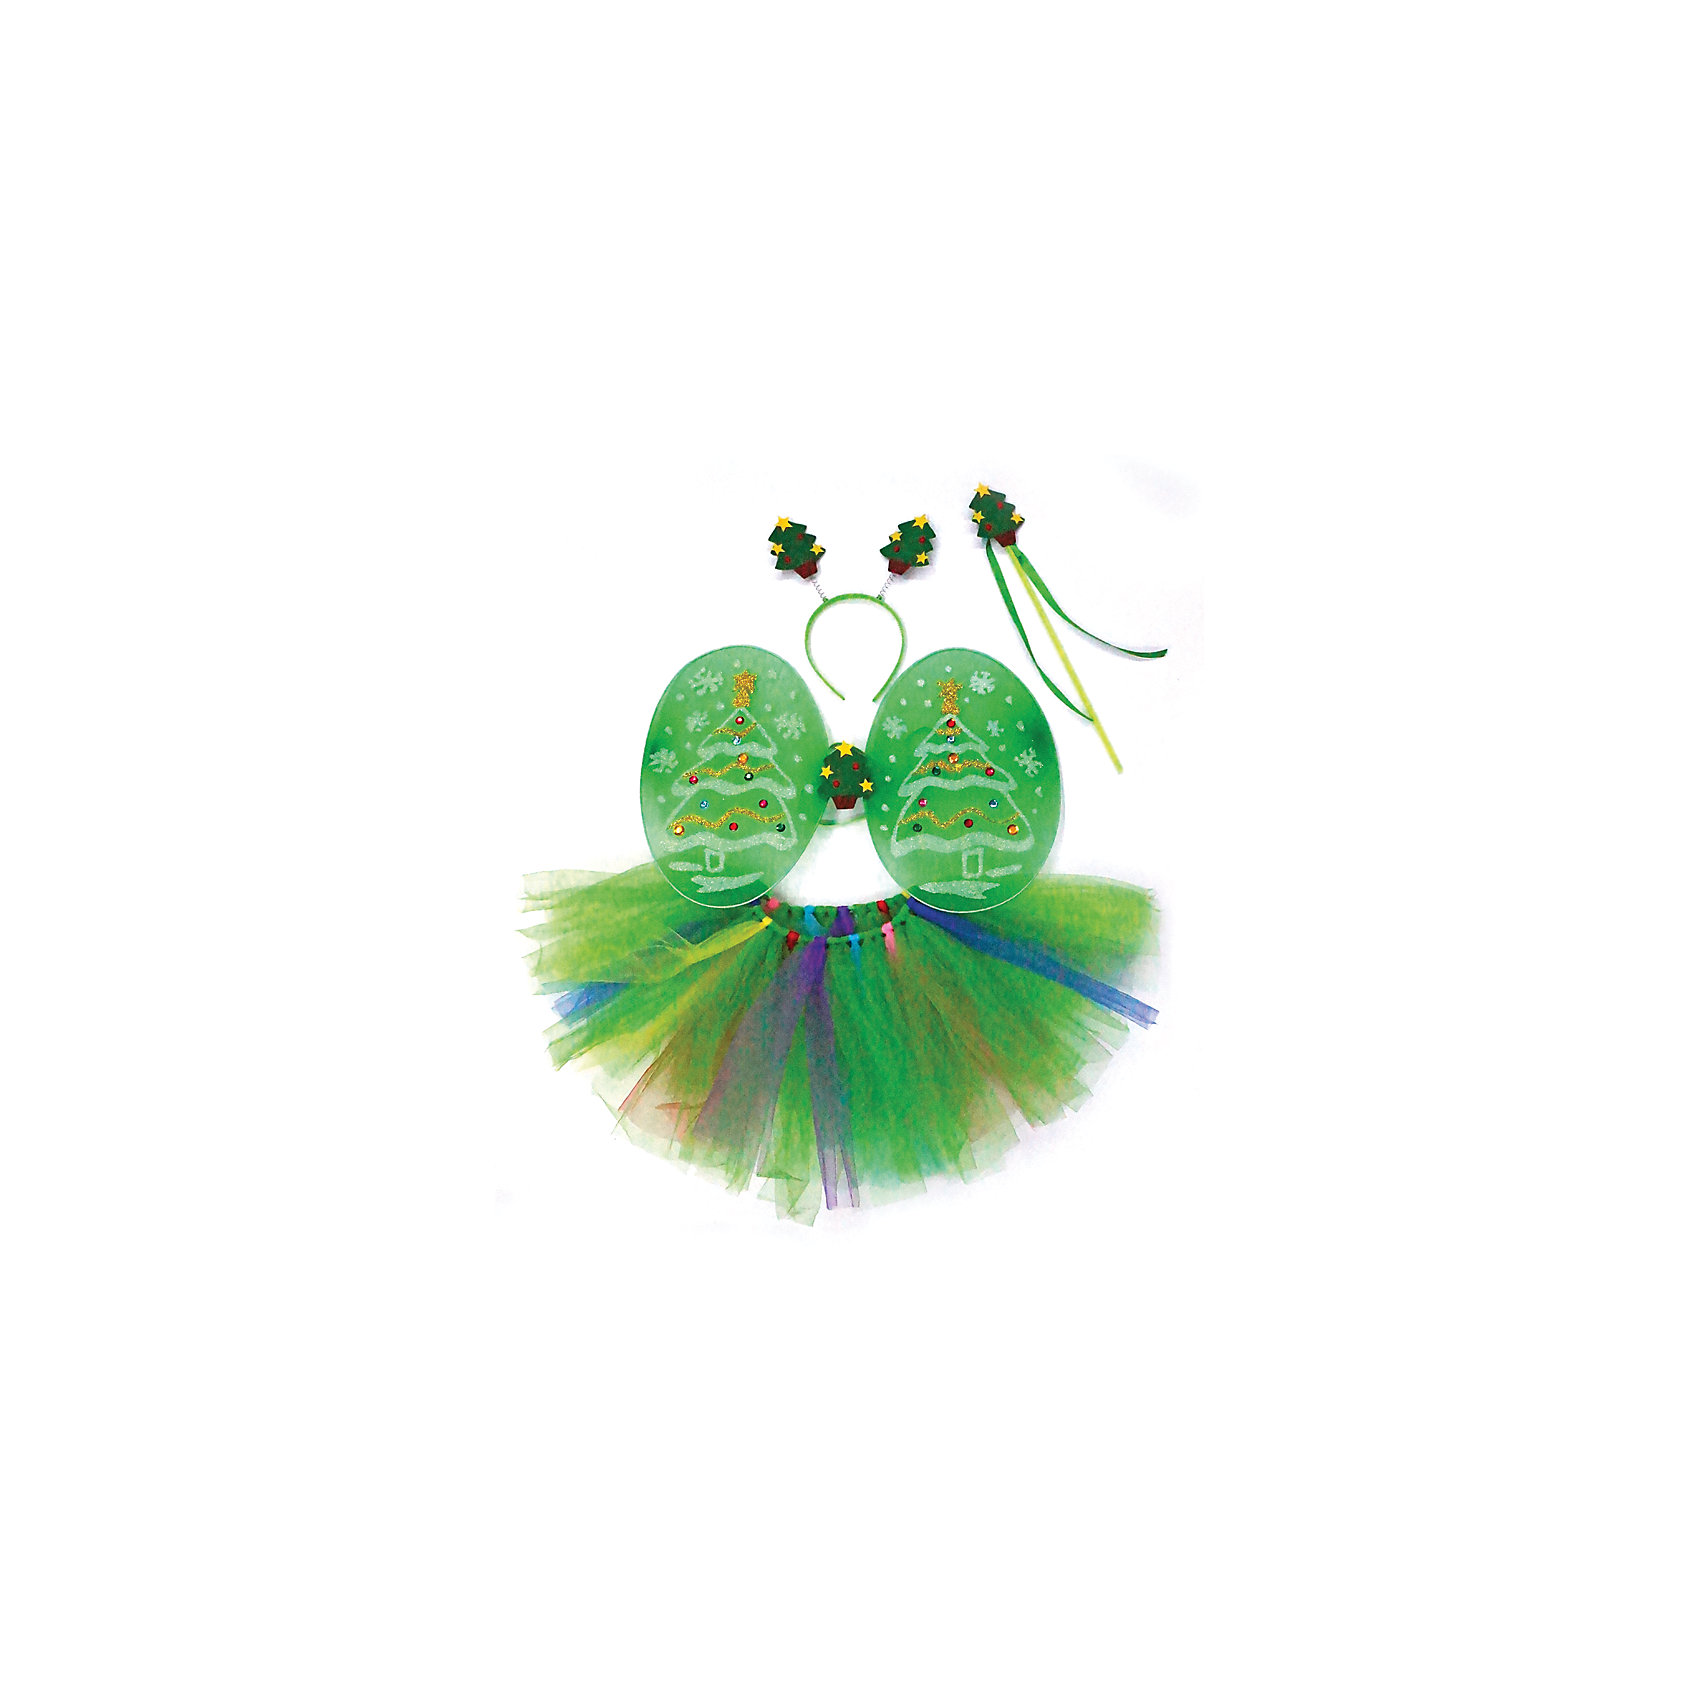 Костюм Елочки, Новогодняя сказкаХарактеристики товара:<br><br>• цвет: зеленый<br>• комплектация: крылья, юбка, ободок, палочка<br>• материал: текстиль, пластик<br>• для праздников и постановок<br>• упаковка: пакет<br>• размер крыльев: 45х30 см<br>• длина юбки: 25 см<br>• возраст: от 3 лет<br>• страна бренда: Российская Федерация<br>• страна изготовитель: Российская Федерация<br><br>Новогодние праздники - отличная возможность перевоплотиться в кого угодно, надев маскарадный костюм. Этот набор позволит ребенку мгновенно превратиться в ёлочку!<br>Он состоит из нескольких предметов, которые подойдут дошкольникам. Изделия удобно сидят и позволяют ребенку наслаждаться праздником или принимать участие в постановке. Модель хорошо проработана, сшита из качественных и проверенных материалов, которые безопасны для детей.<br><br>Костюм Елочки от бренда Новогодняя сказка можно купить в нашем интернет-магазине.<br><br>Ширина мм: 480<br>Глубина мм: 530<br>Высота мм: 3<br>Вес г: 181<br>Возраст от месяцев: 36<br>Возраст до месяцев: 96<br>Пол: Женский<br>Возраст: Детский<br>SKU: 5177239